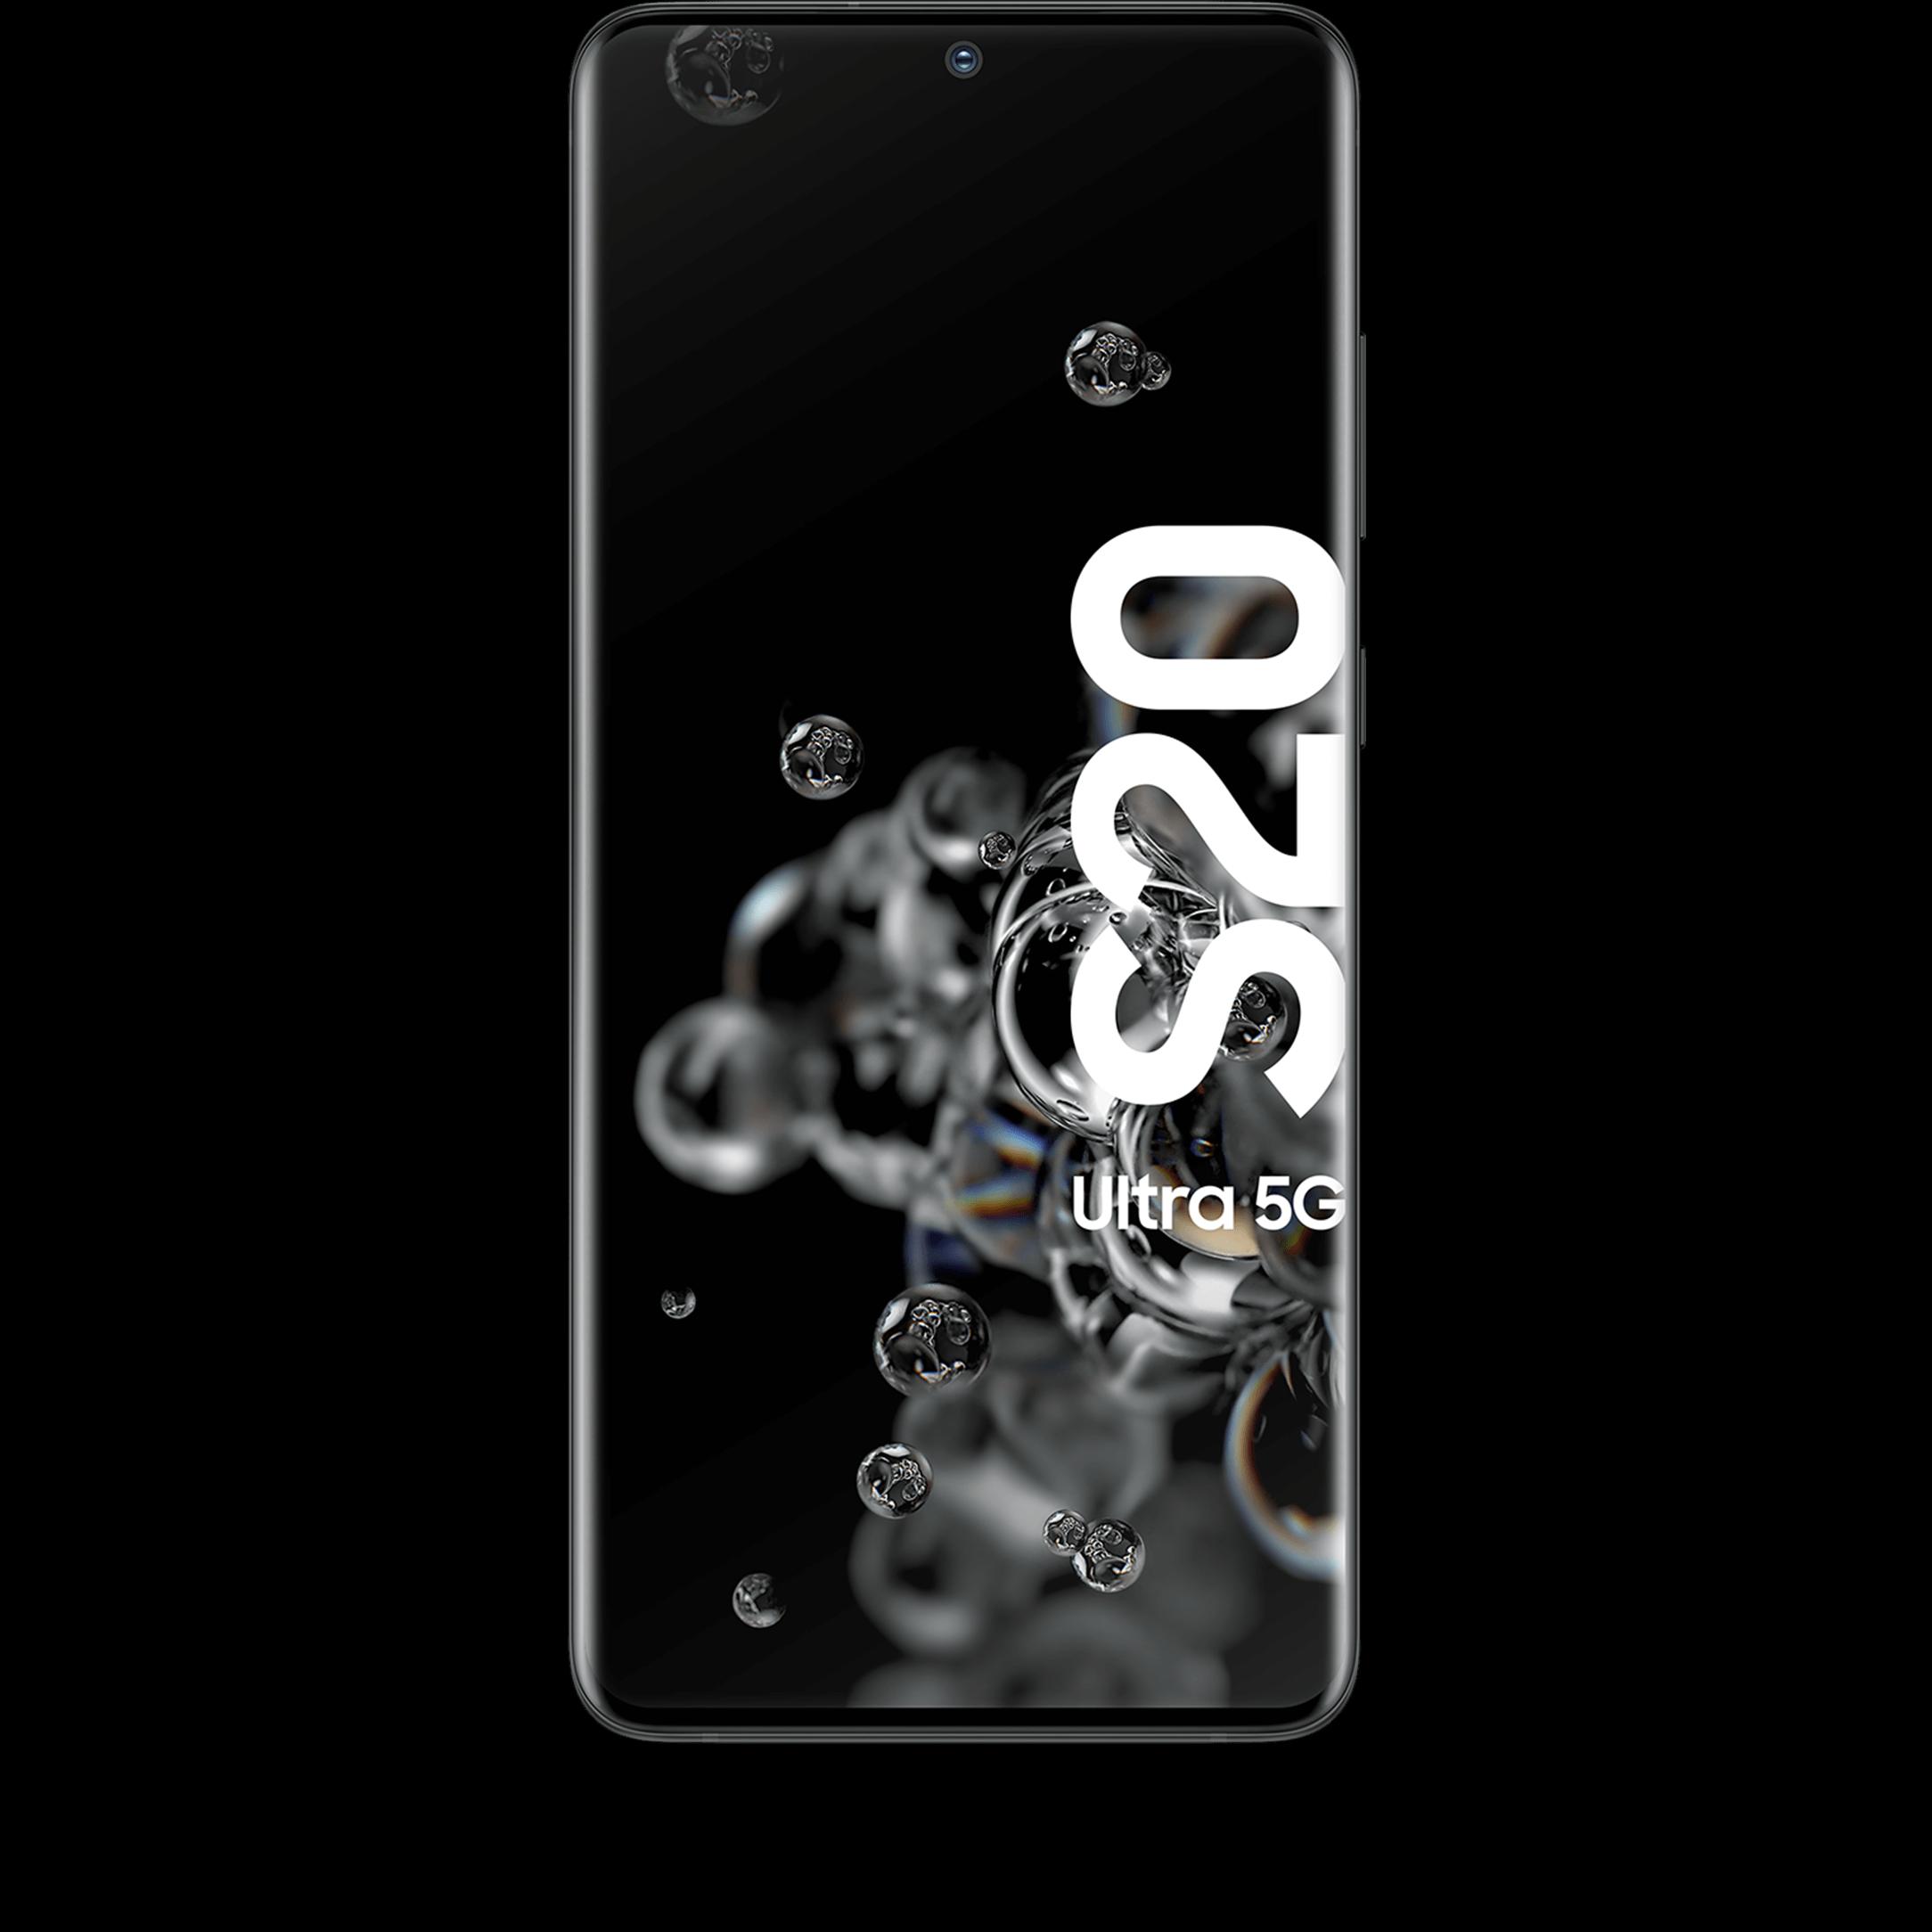 Günstig Kaufen beim Preisvergleich-Samsung Galaxy S20 Ultra 5G 128 GB black mit Allnet Flat L